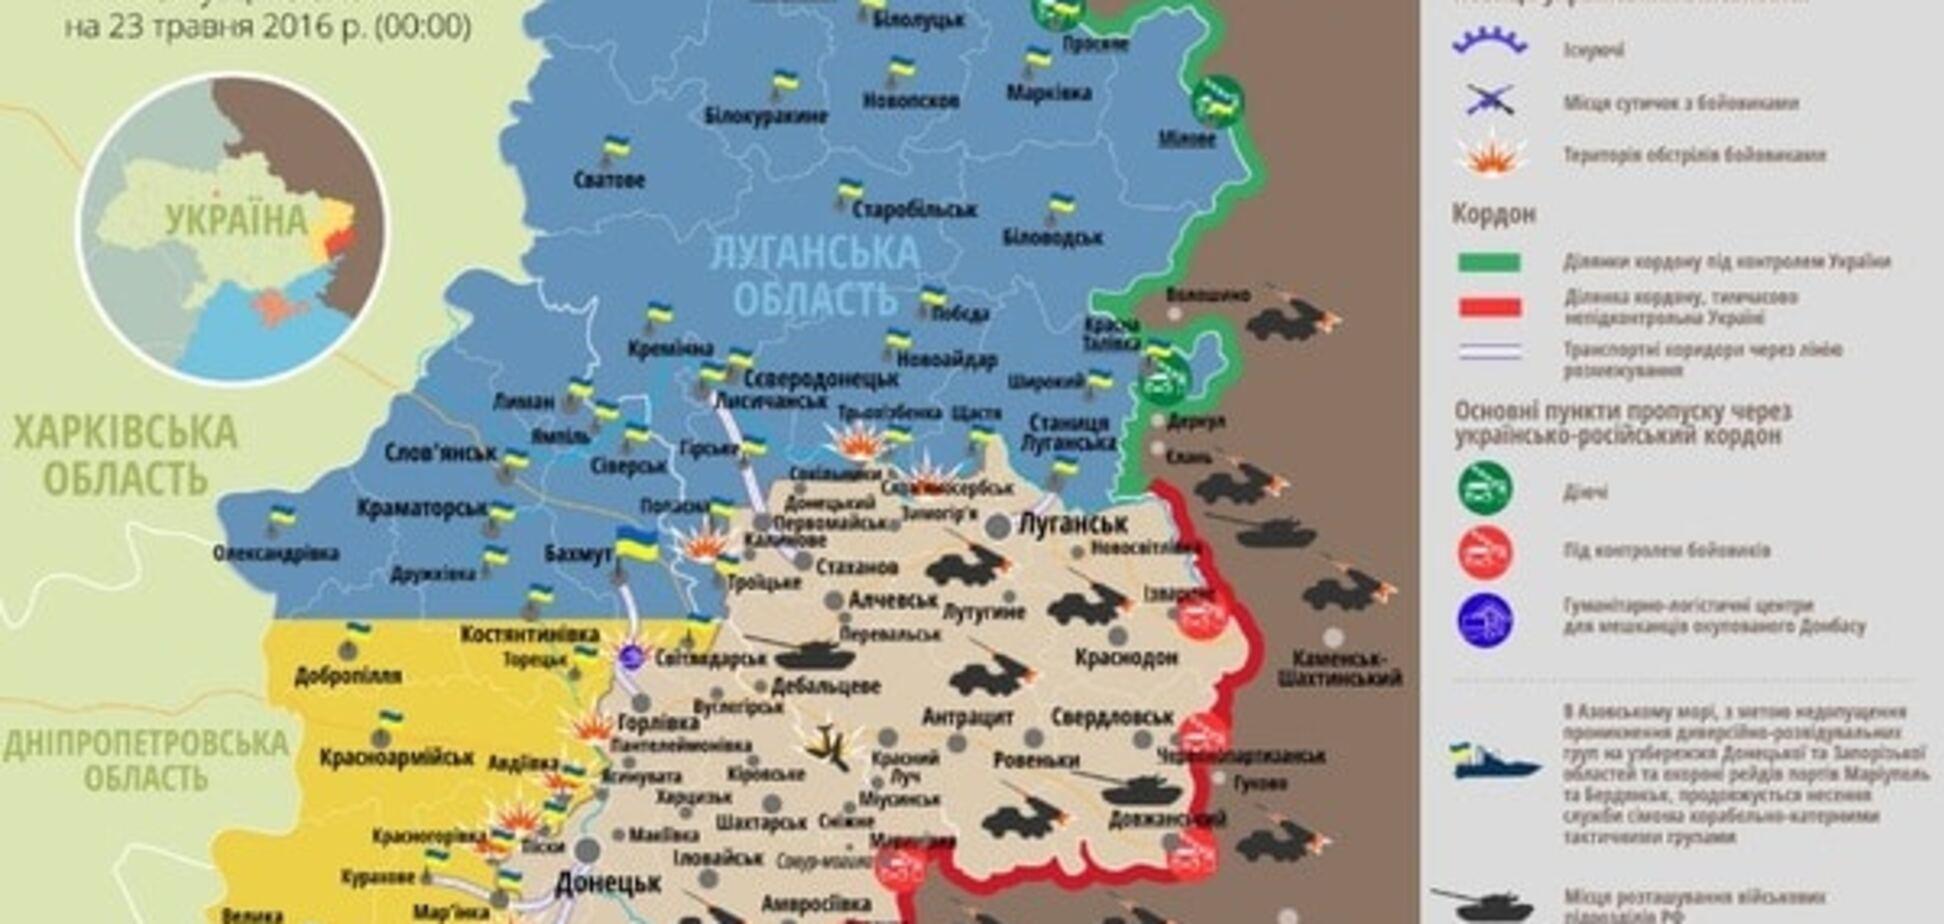 Українські бійці зазнали втрат в Авдіївській промзоні: мапа АТО